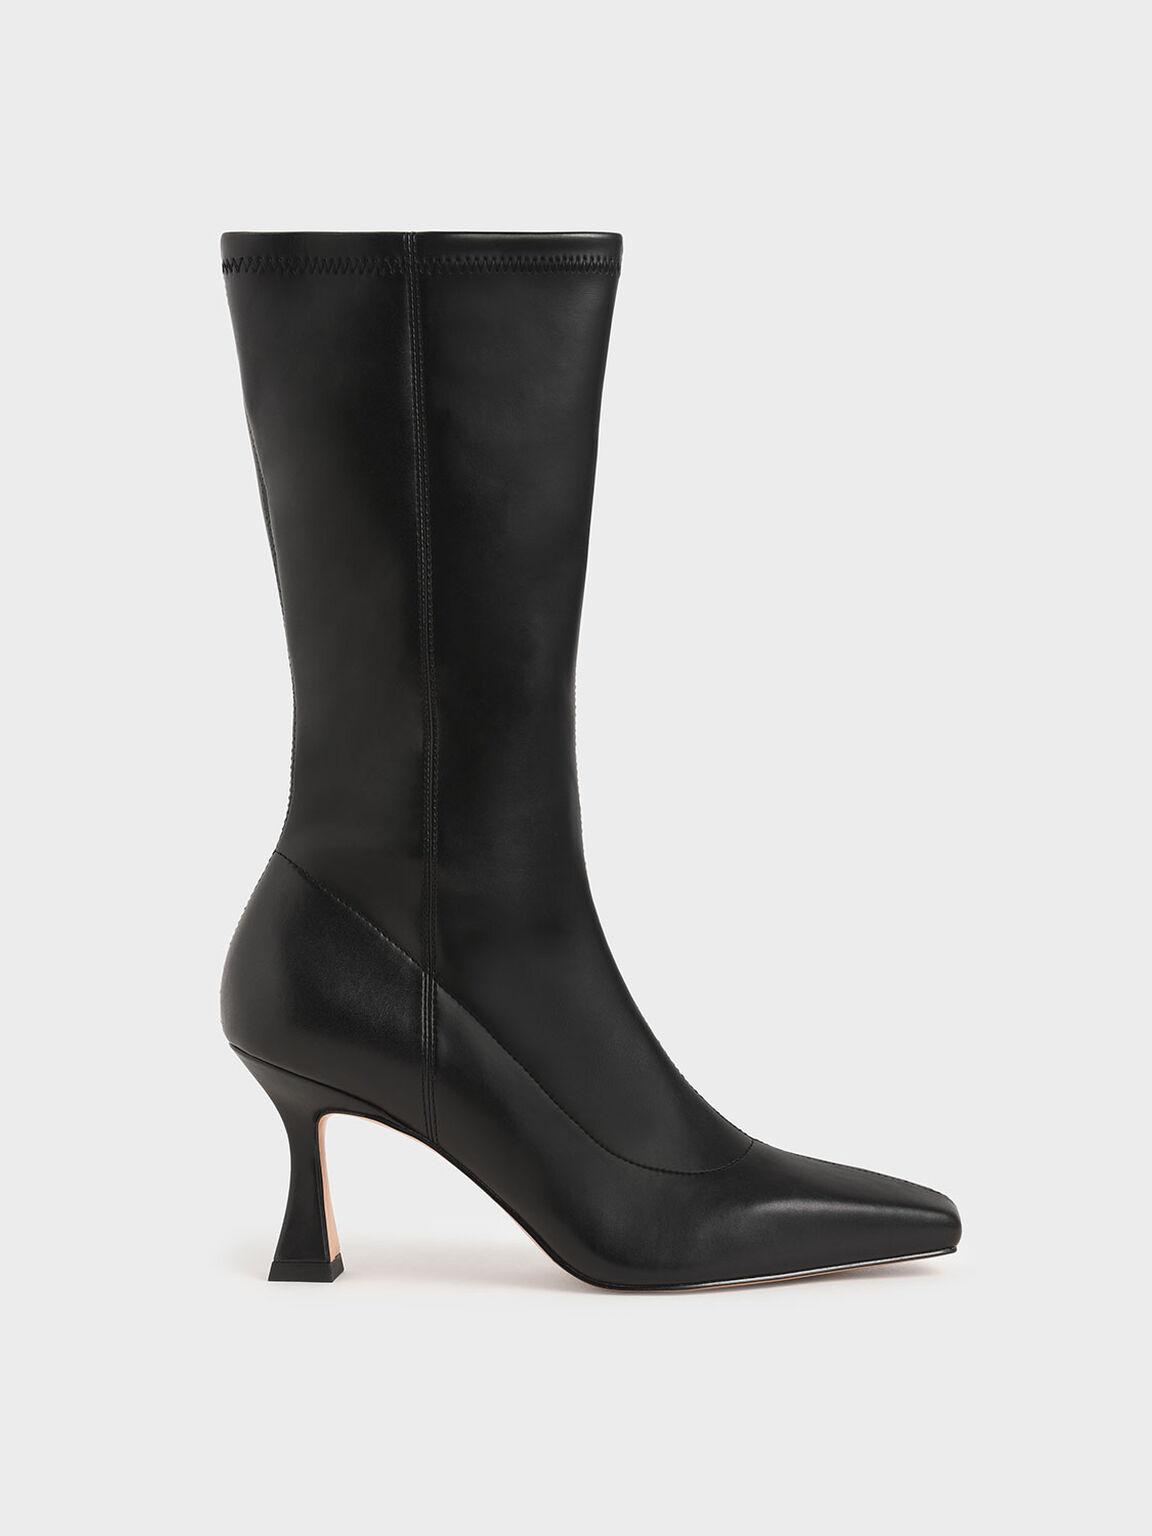 Spool Heel Calf Boots, Black, hi-res